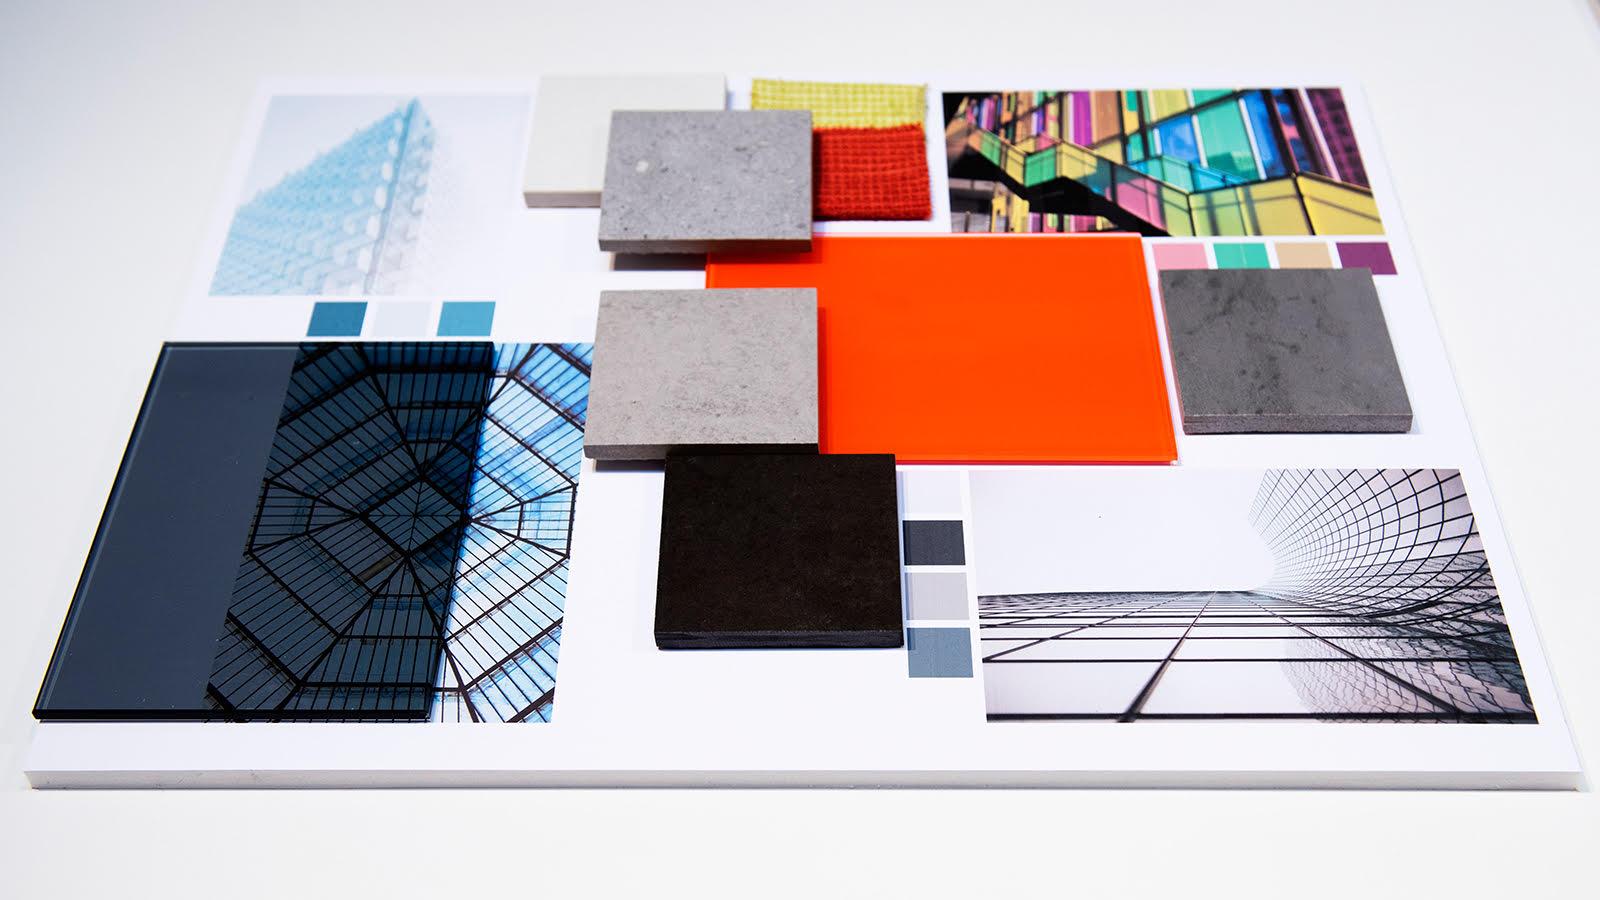 Istituto Marangoni London • Онлайн-лекция по промышленному дизайну • 8 июля